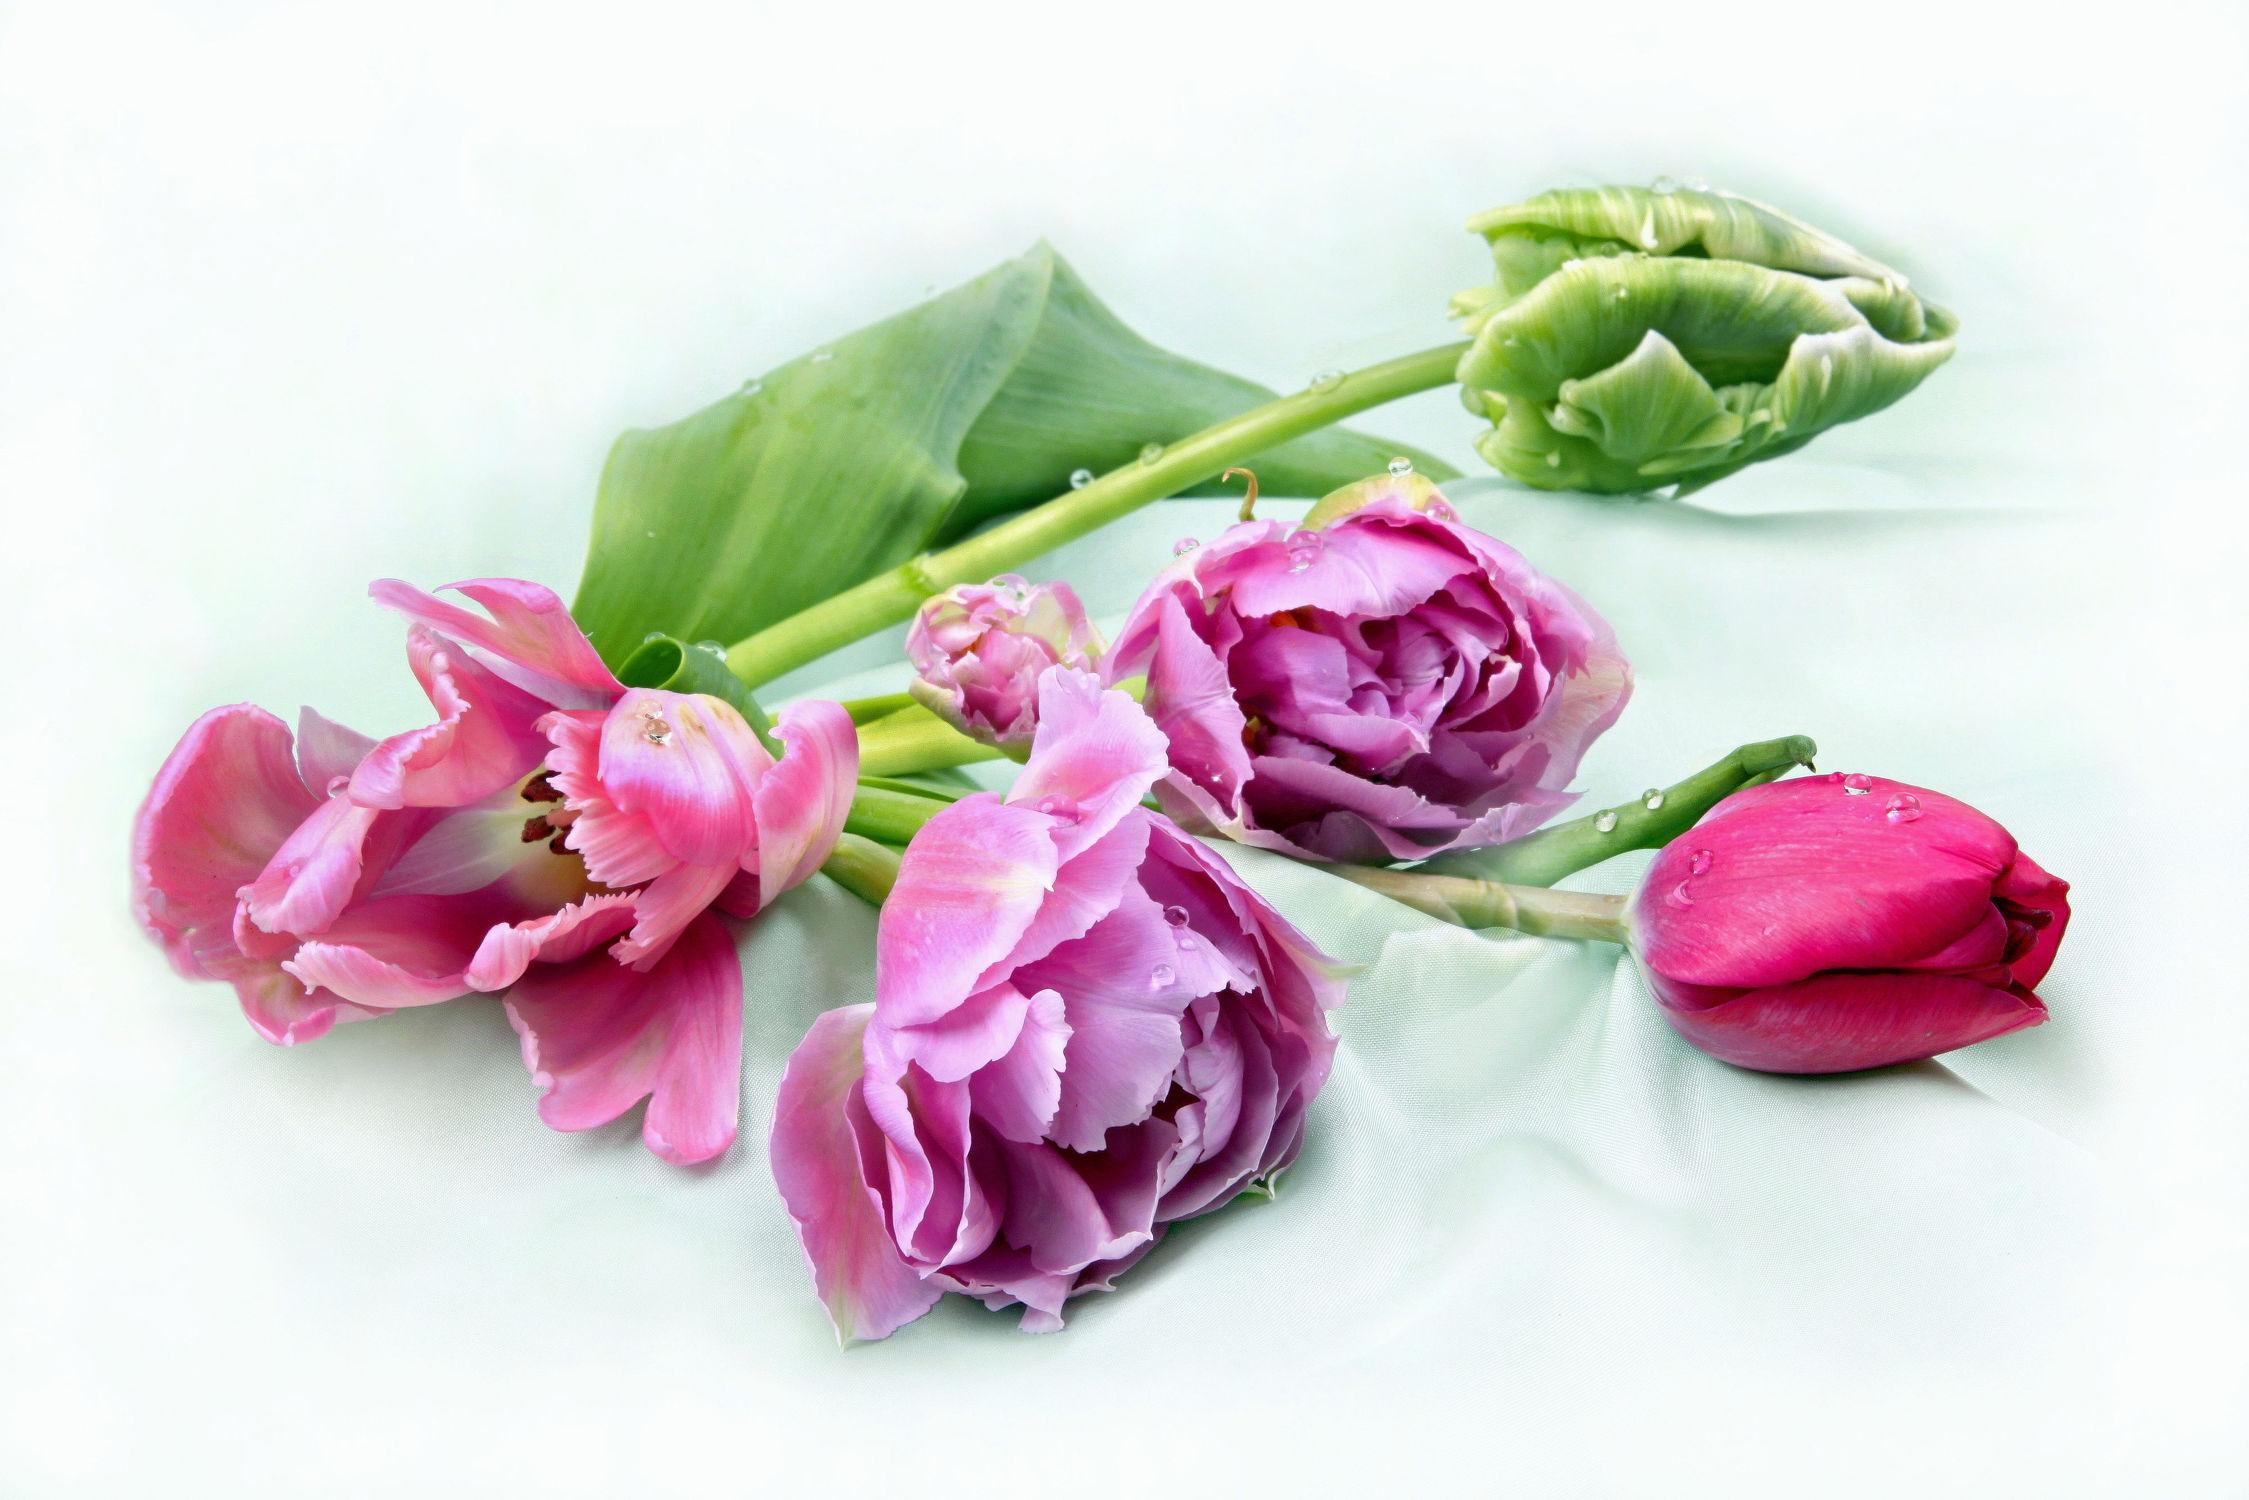 Bild mit Pflanzen, Blumen, Blume, Pflanze, Tulpe, Tulpen, Floral, Blüten, Florales, Stilleben & Objekte, blüte